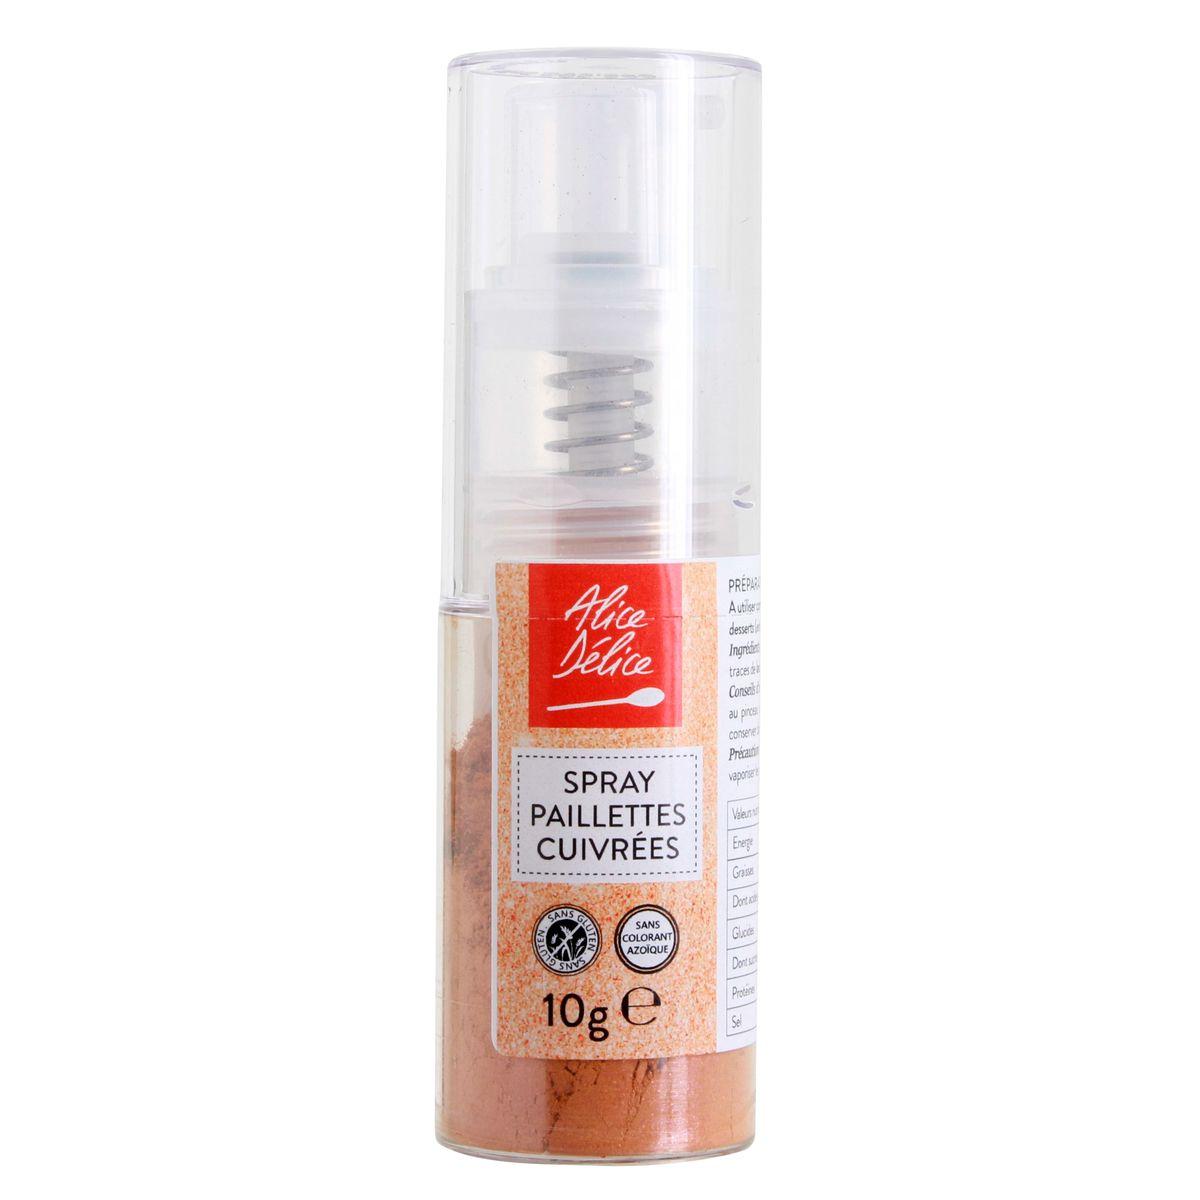 Spray paillettes cuivrées 10 gr - Alice Délice